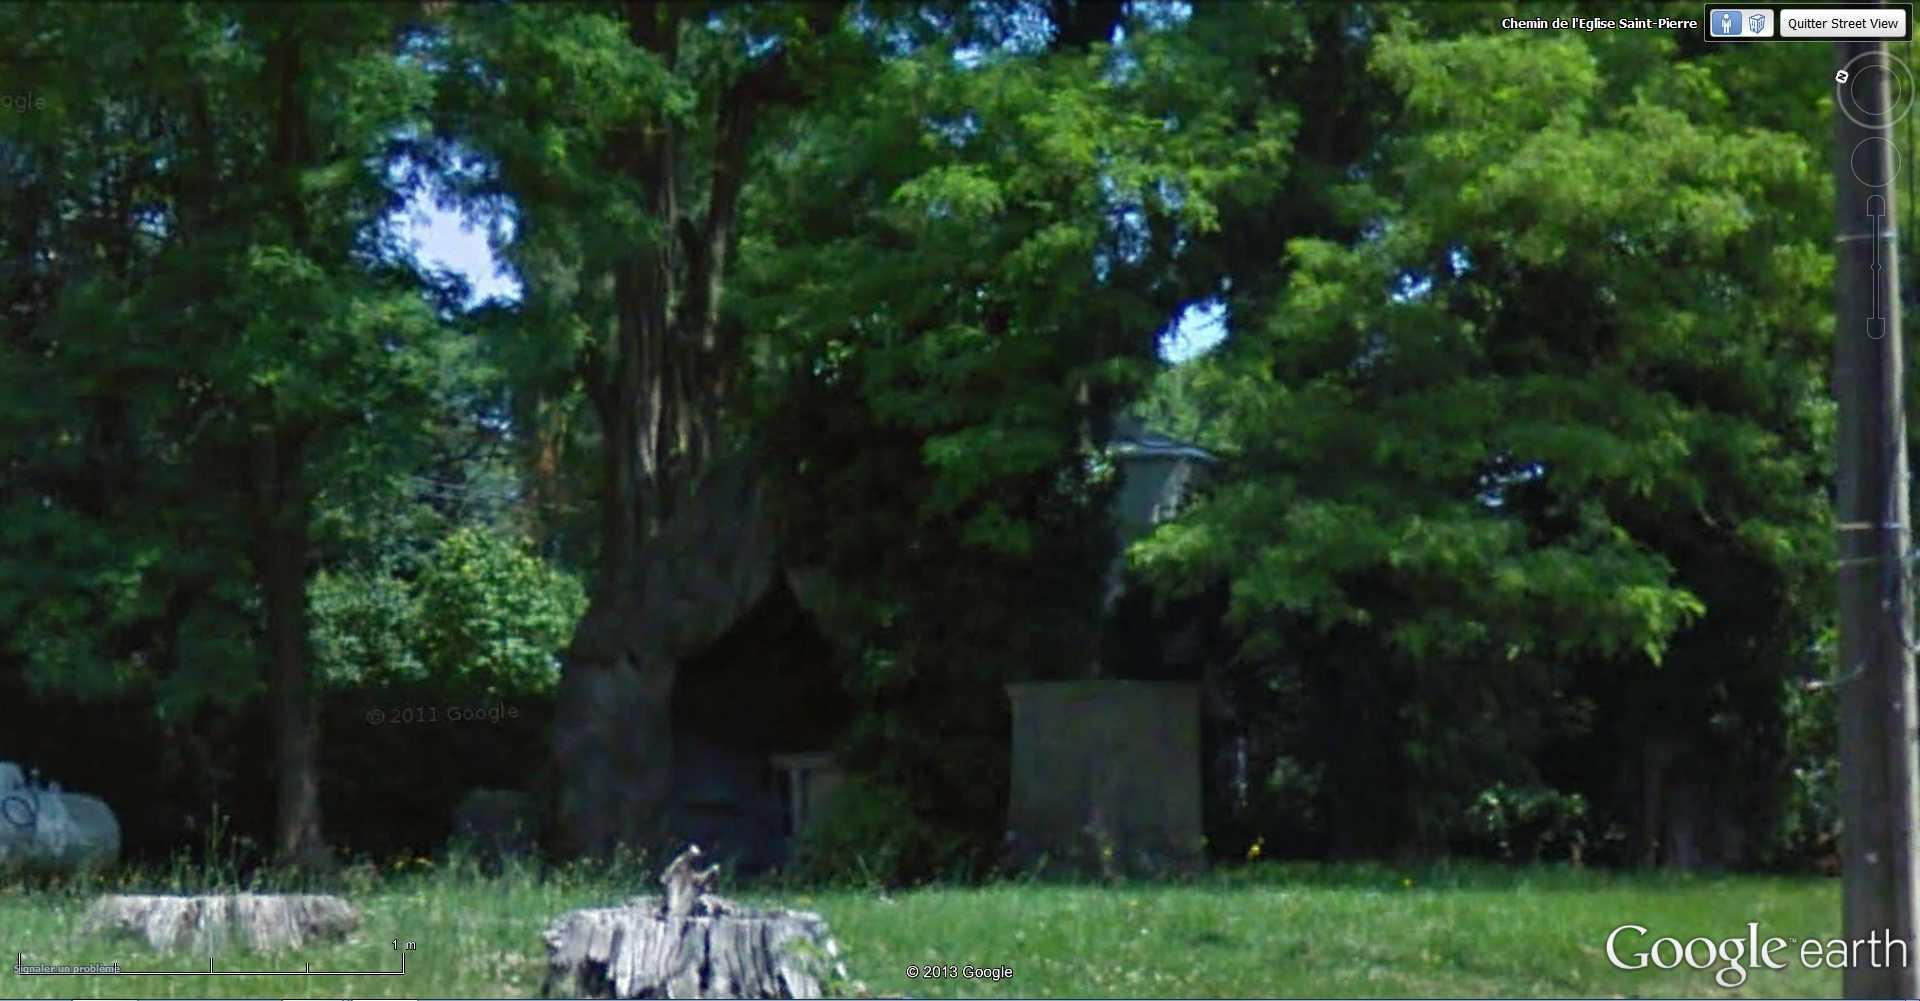 Les répliques de la grotte de Lourdes 2013-065